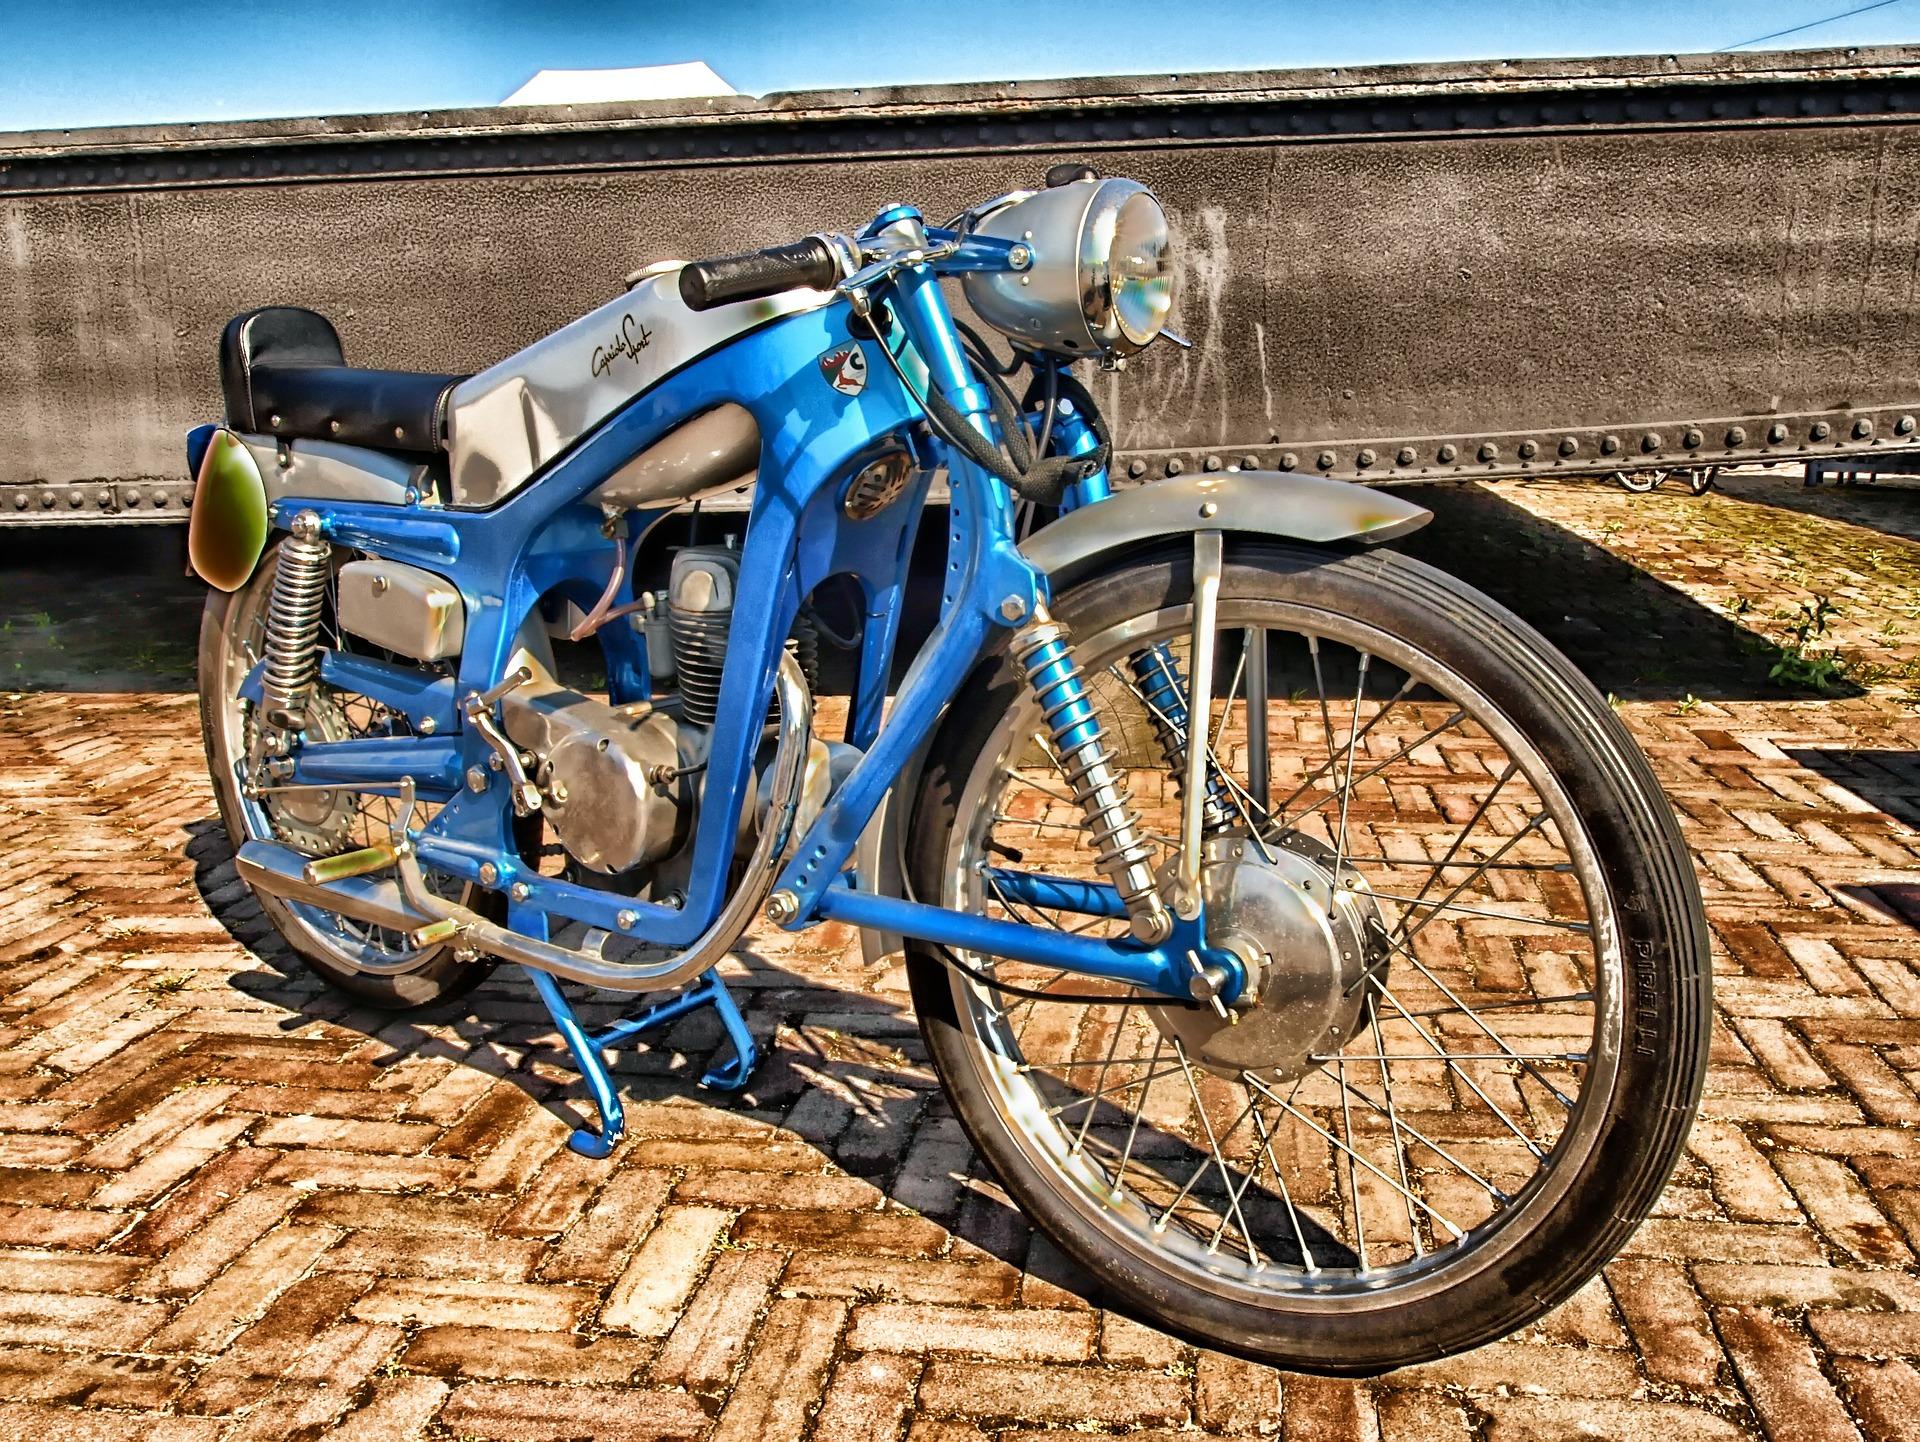 Capriola Sport, Bike, Motor, Motorbike, Motorcycle, HQ Photo